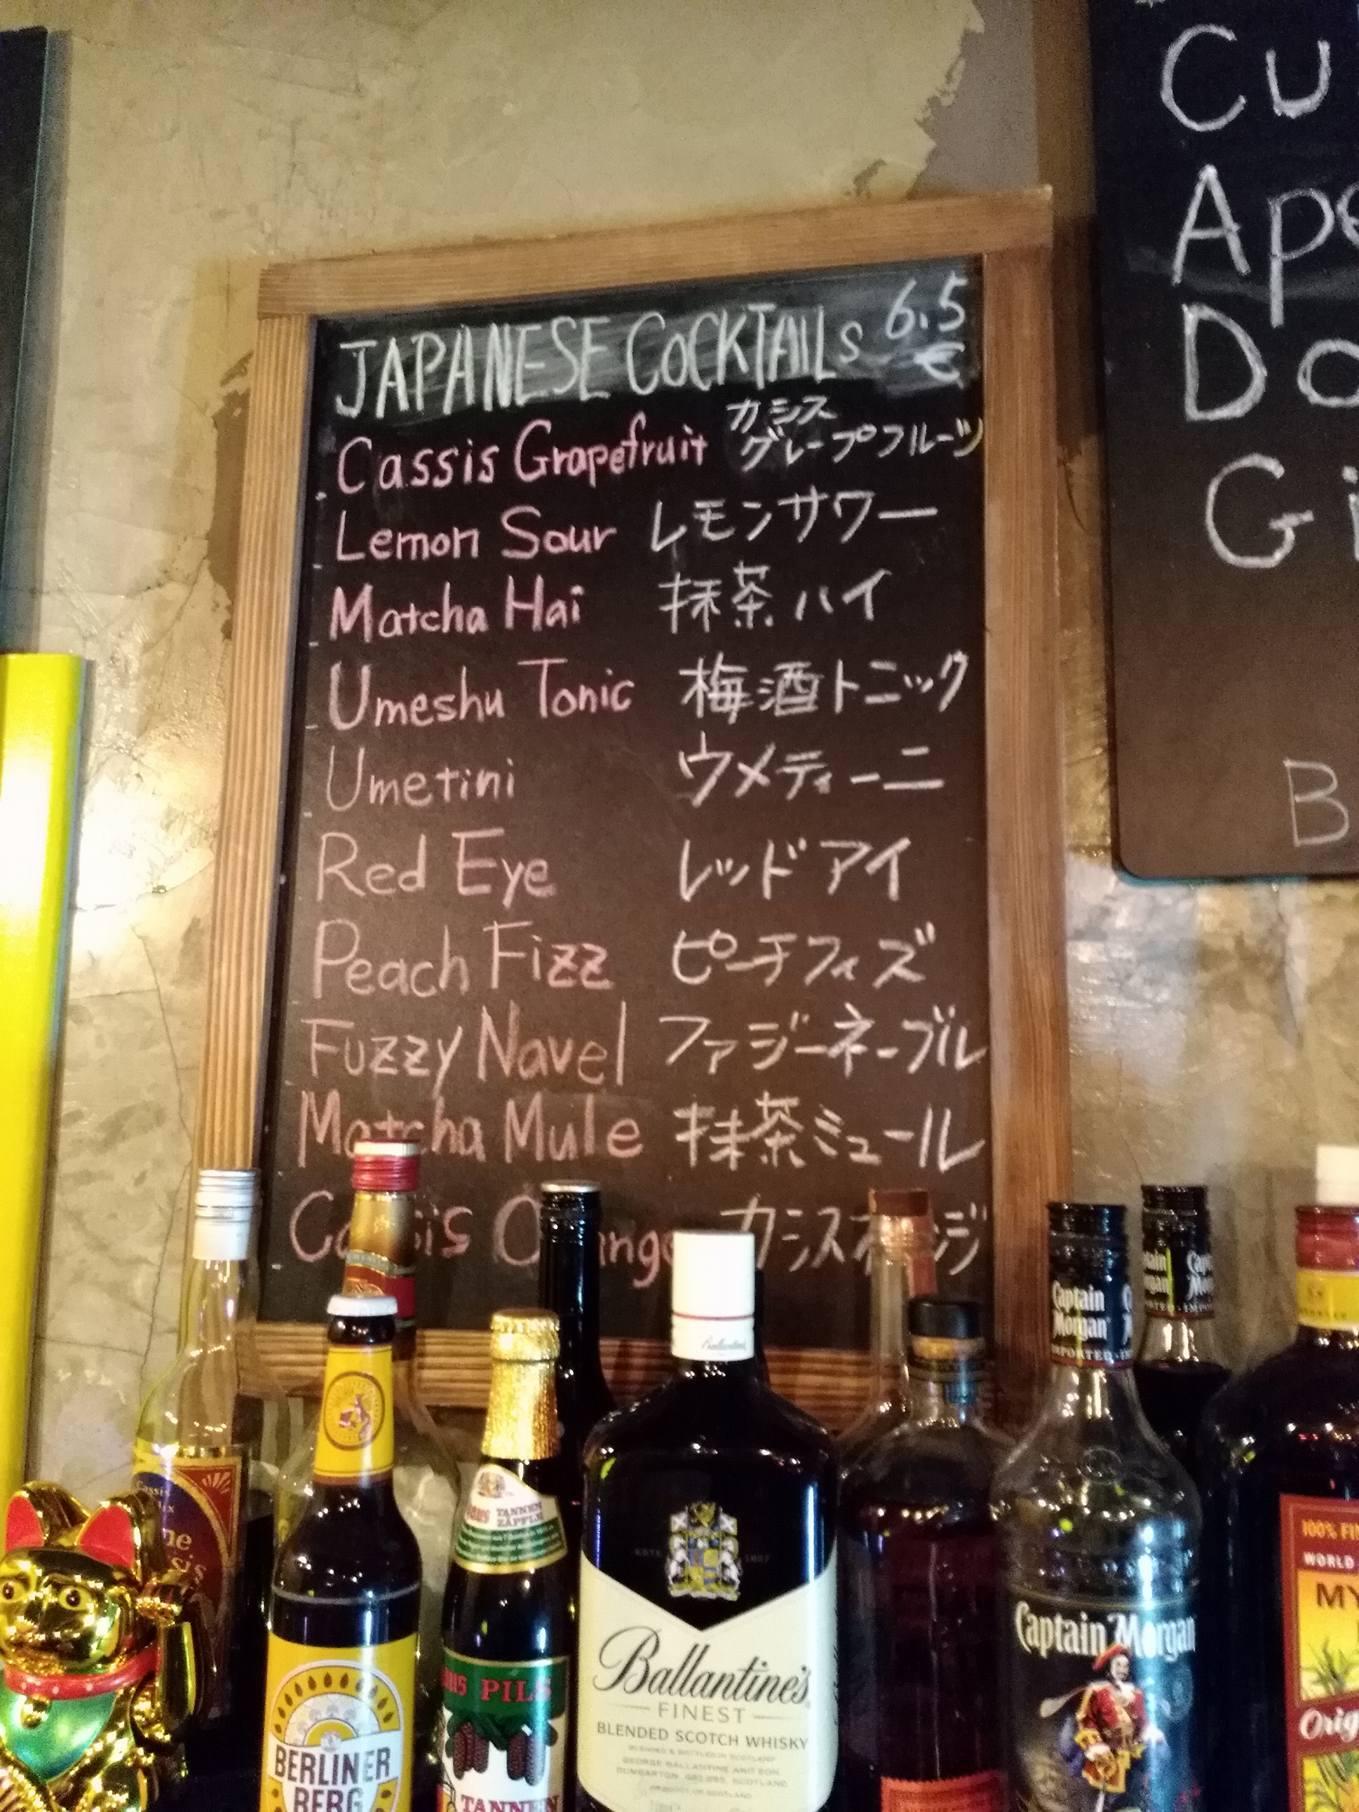 ベルリンの隠れバー!日本のカクテルが飲めるイベントバー